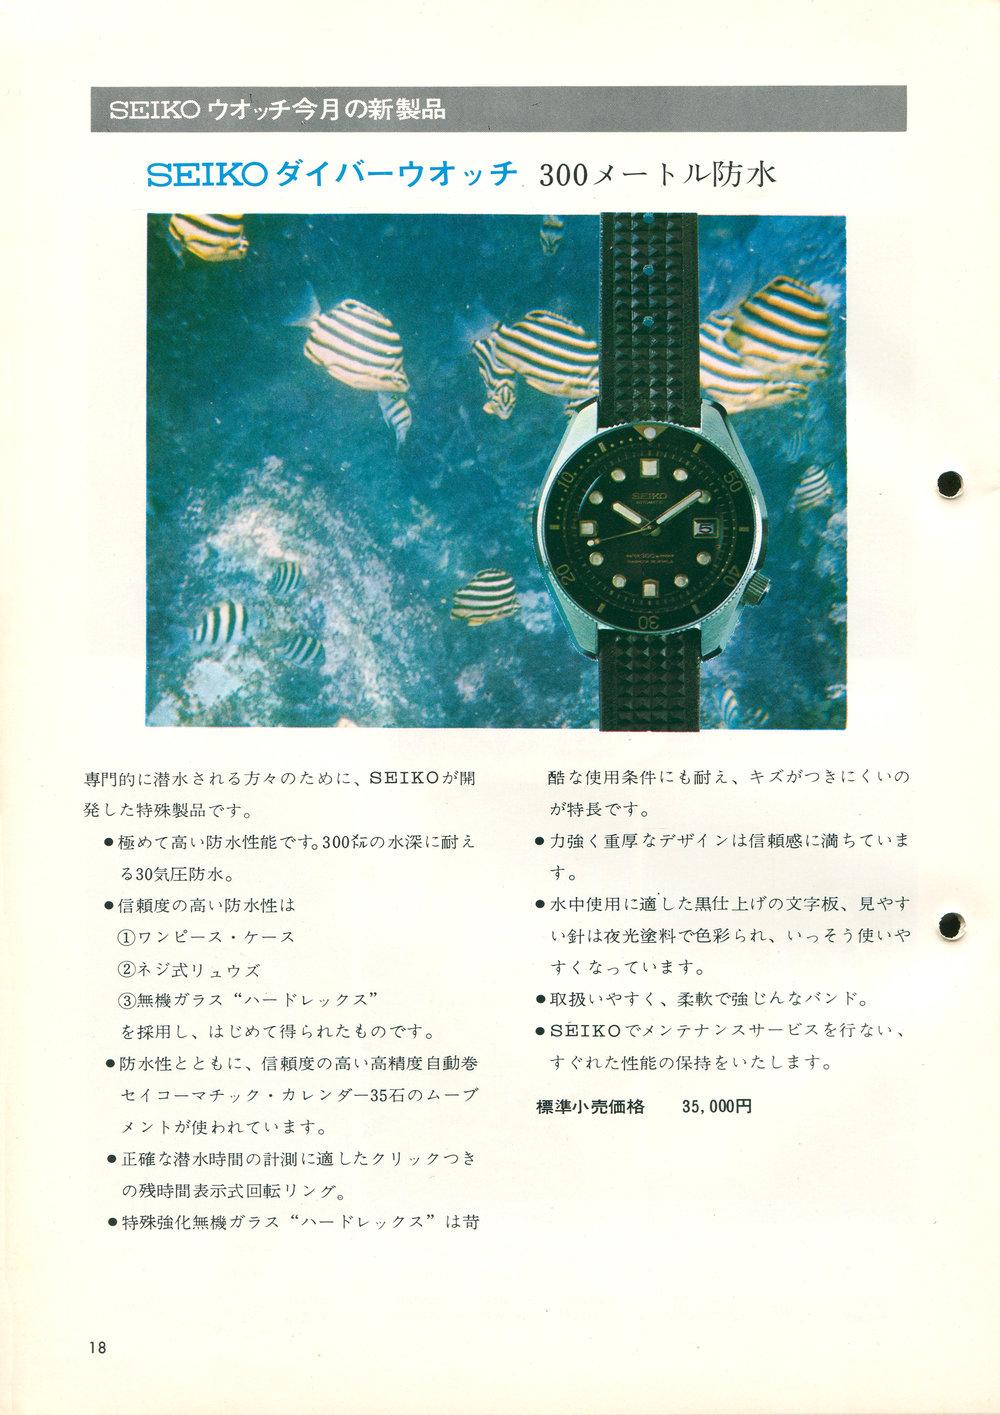 1967.06 Seiko Sales